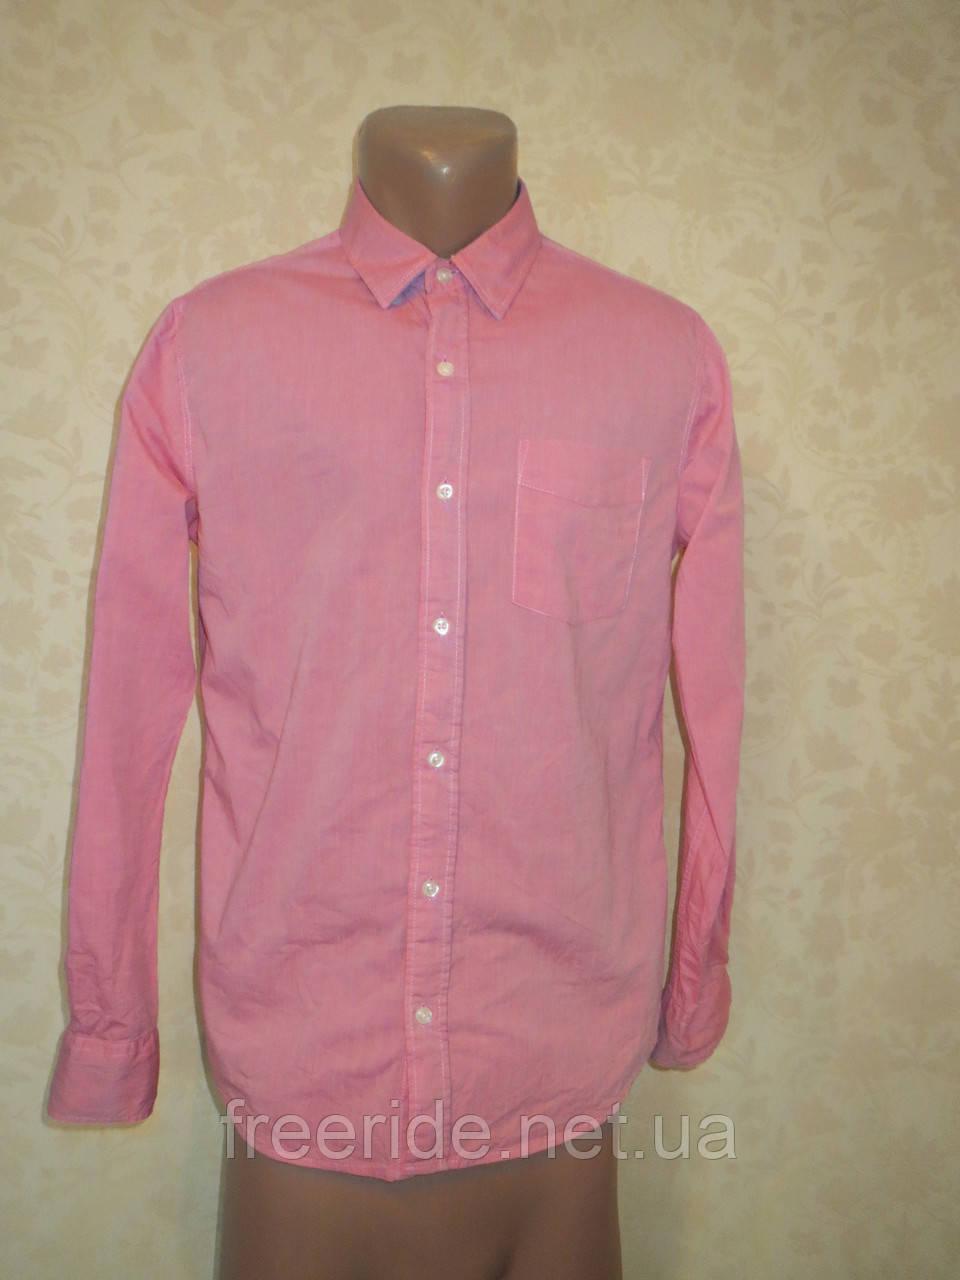 Фирменная стильная рубашка 21 MEN (M)